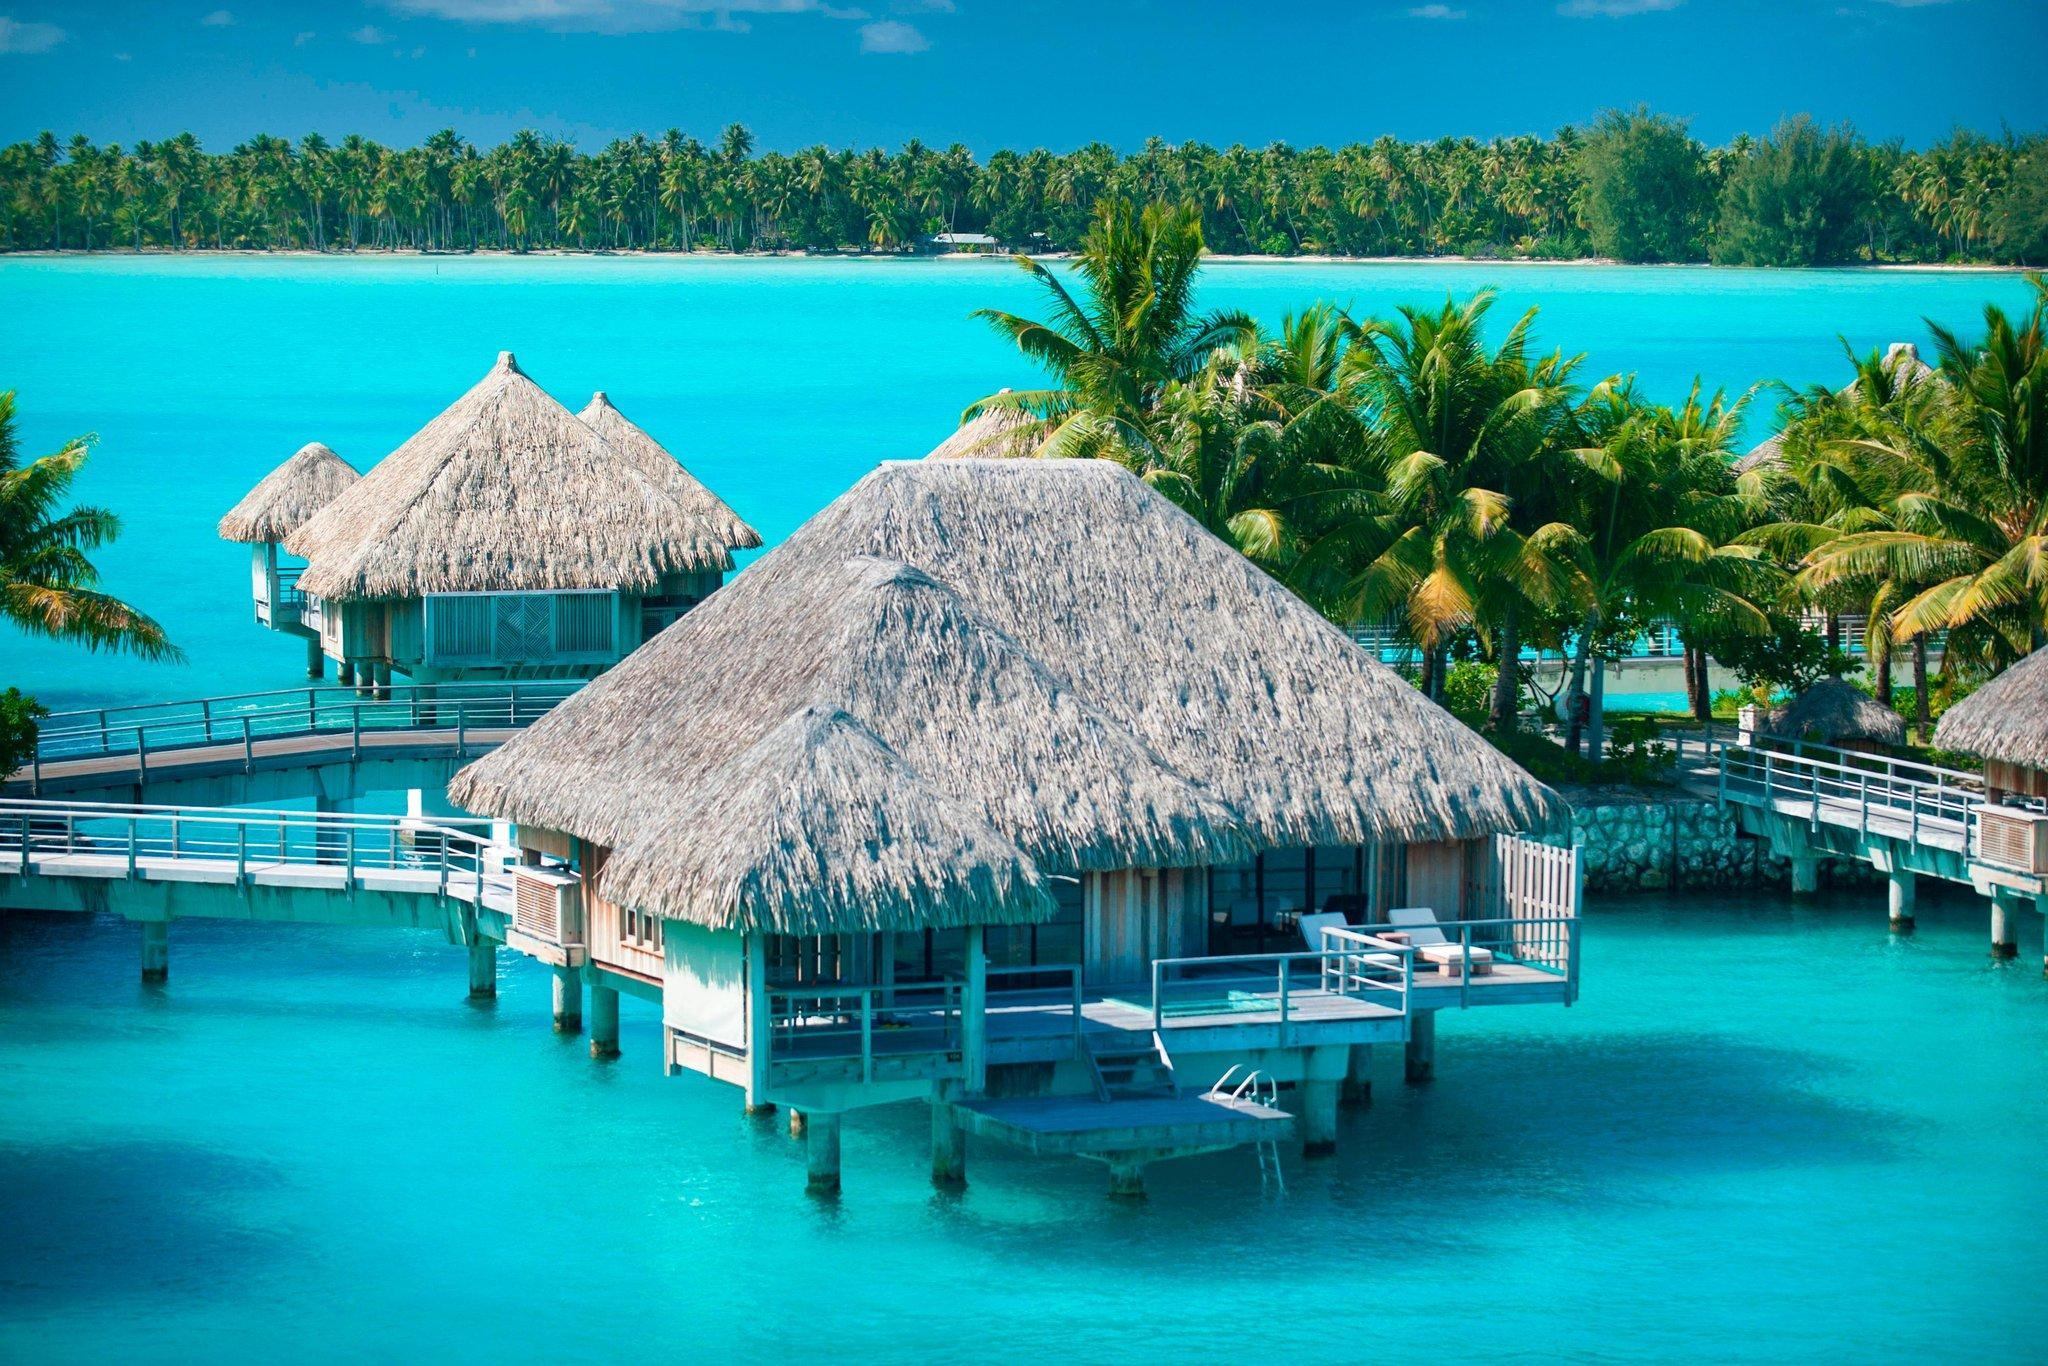 The St Regis Bora Bora Resort Motu Taufarii Bora Bora